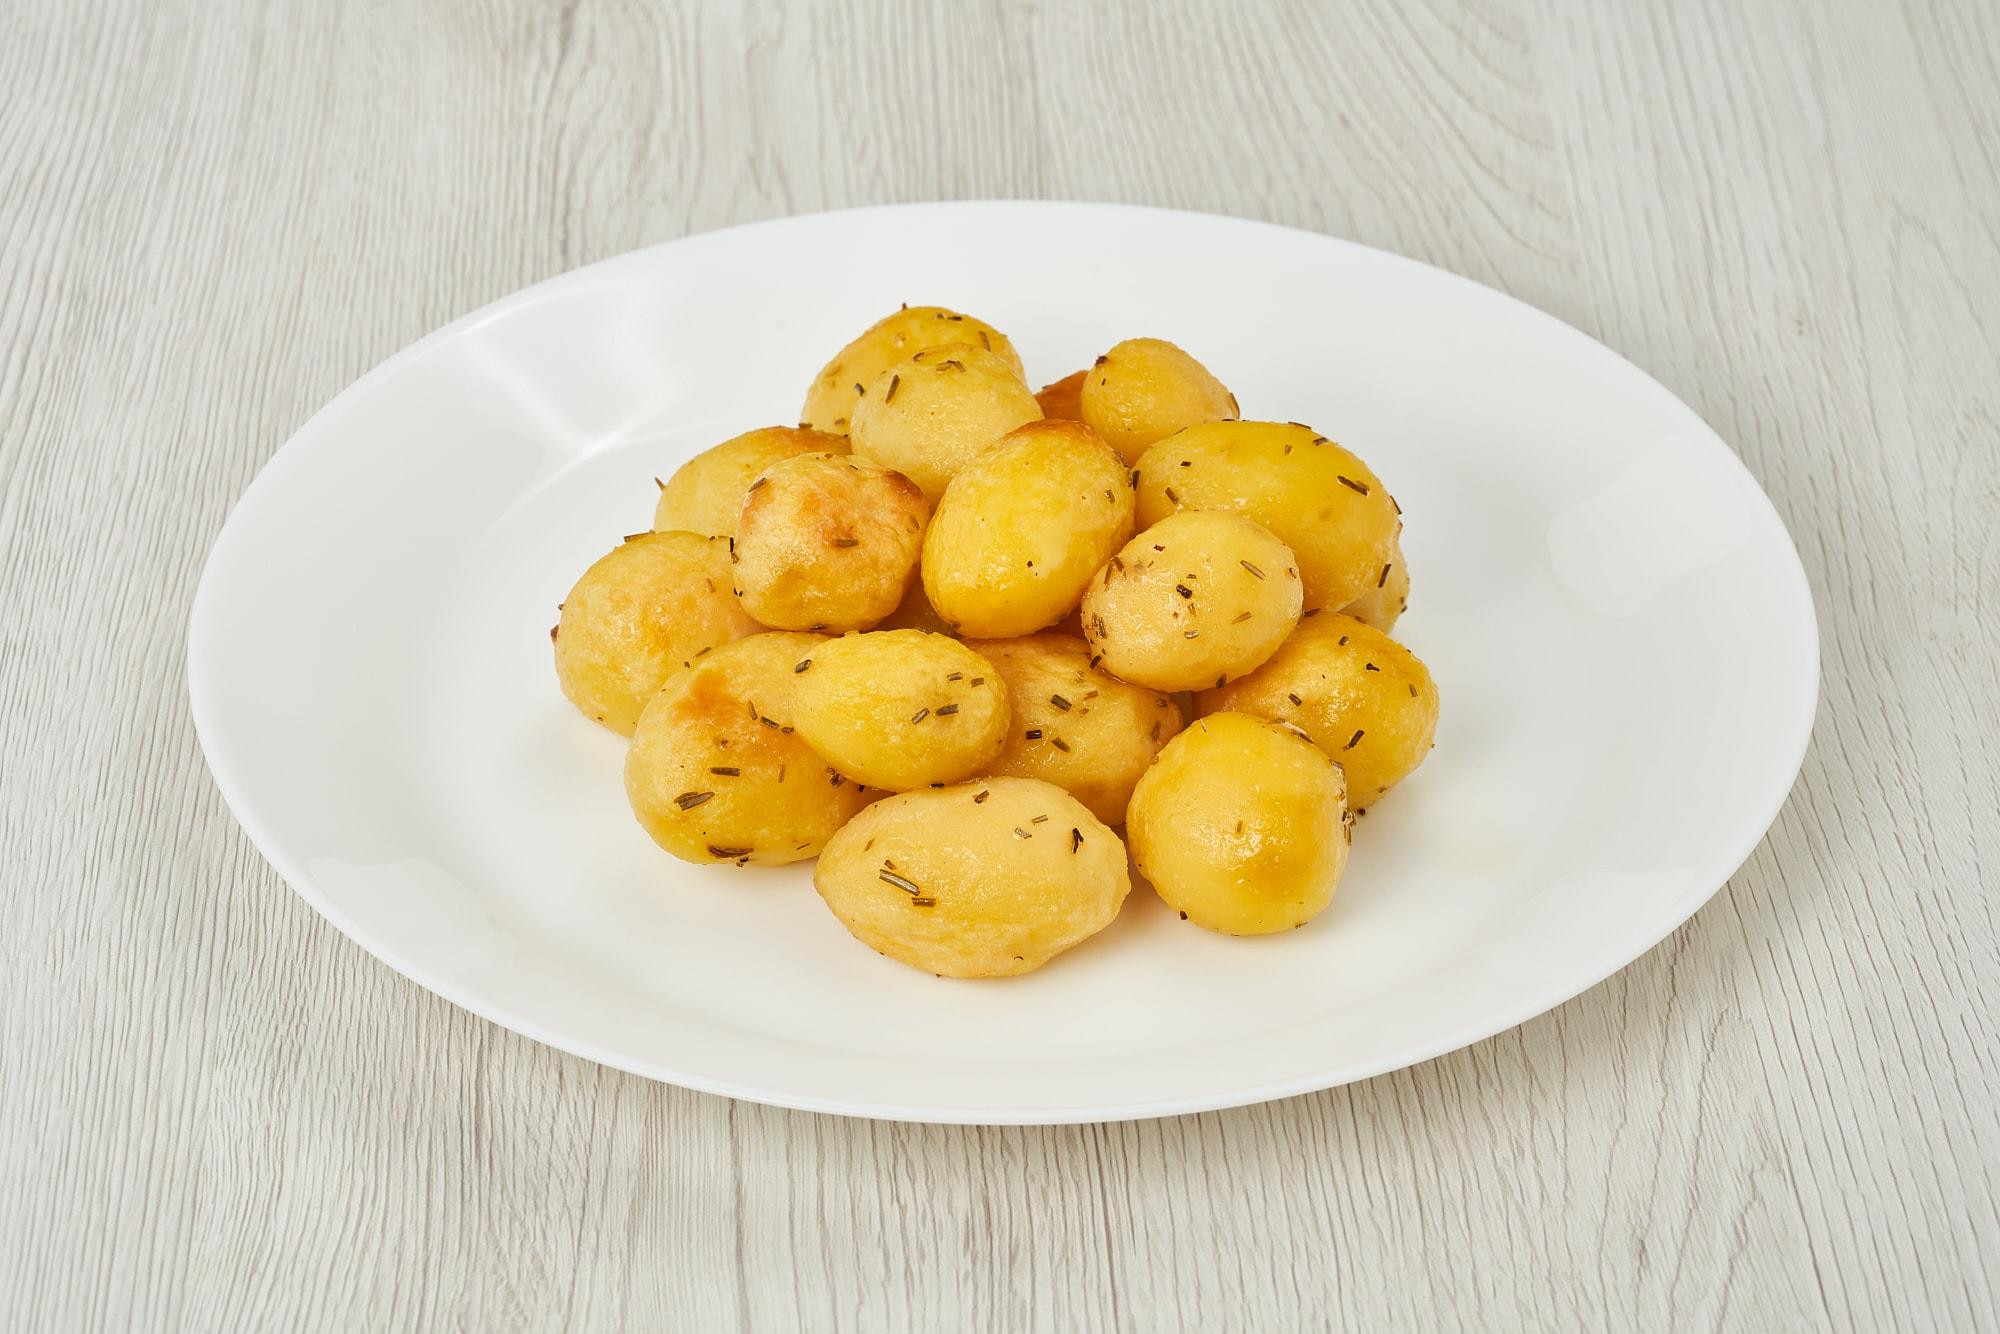 Patate al forno La Gastronomica Padova